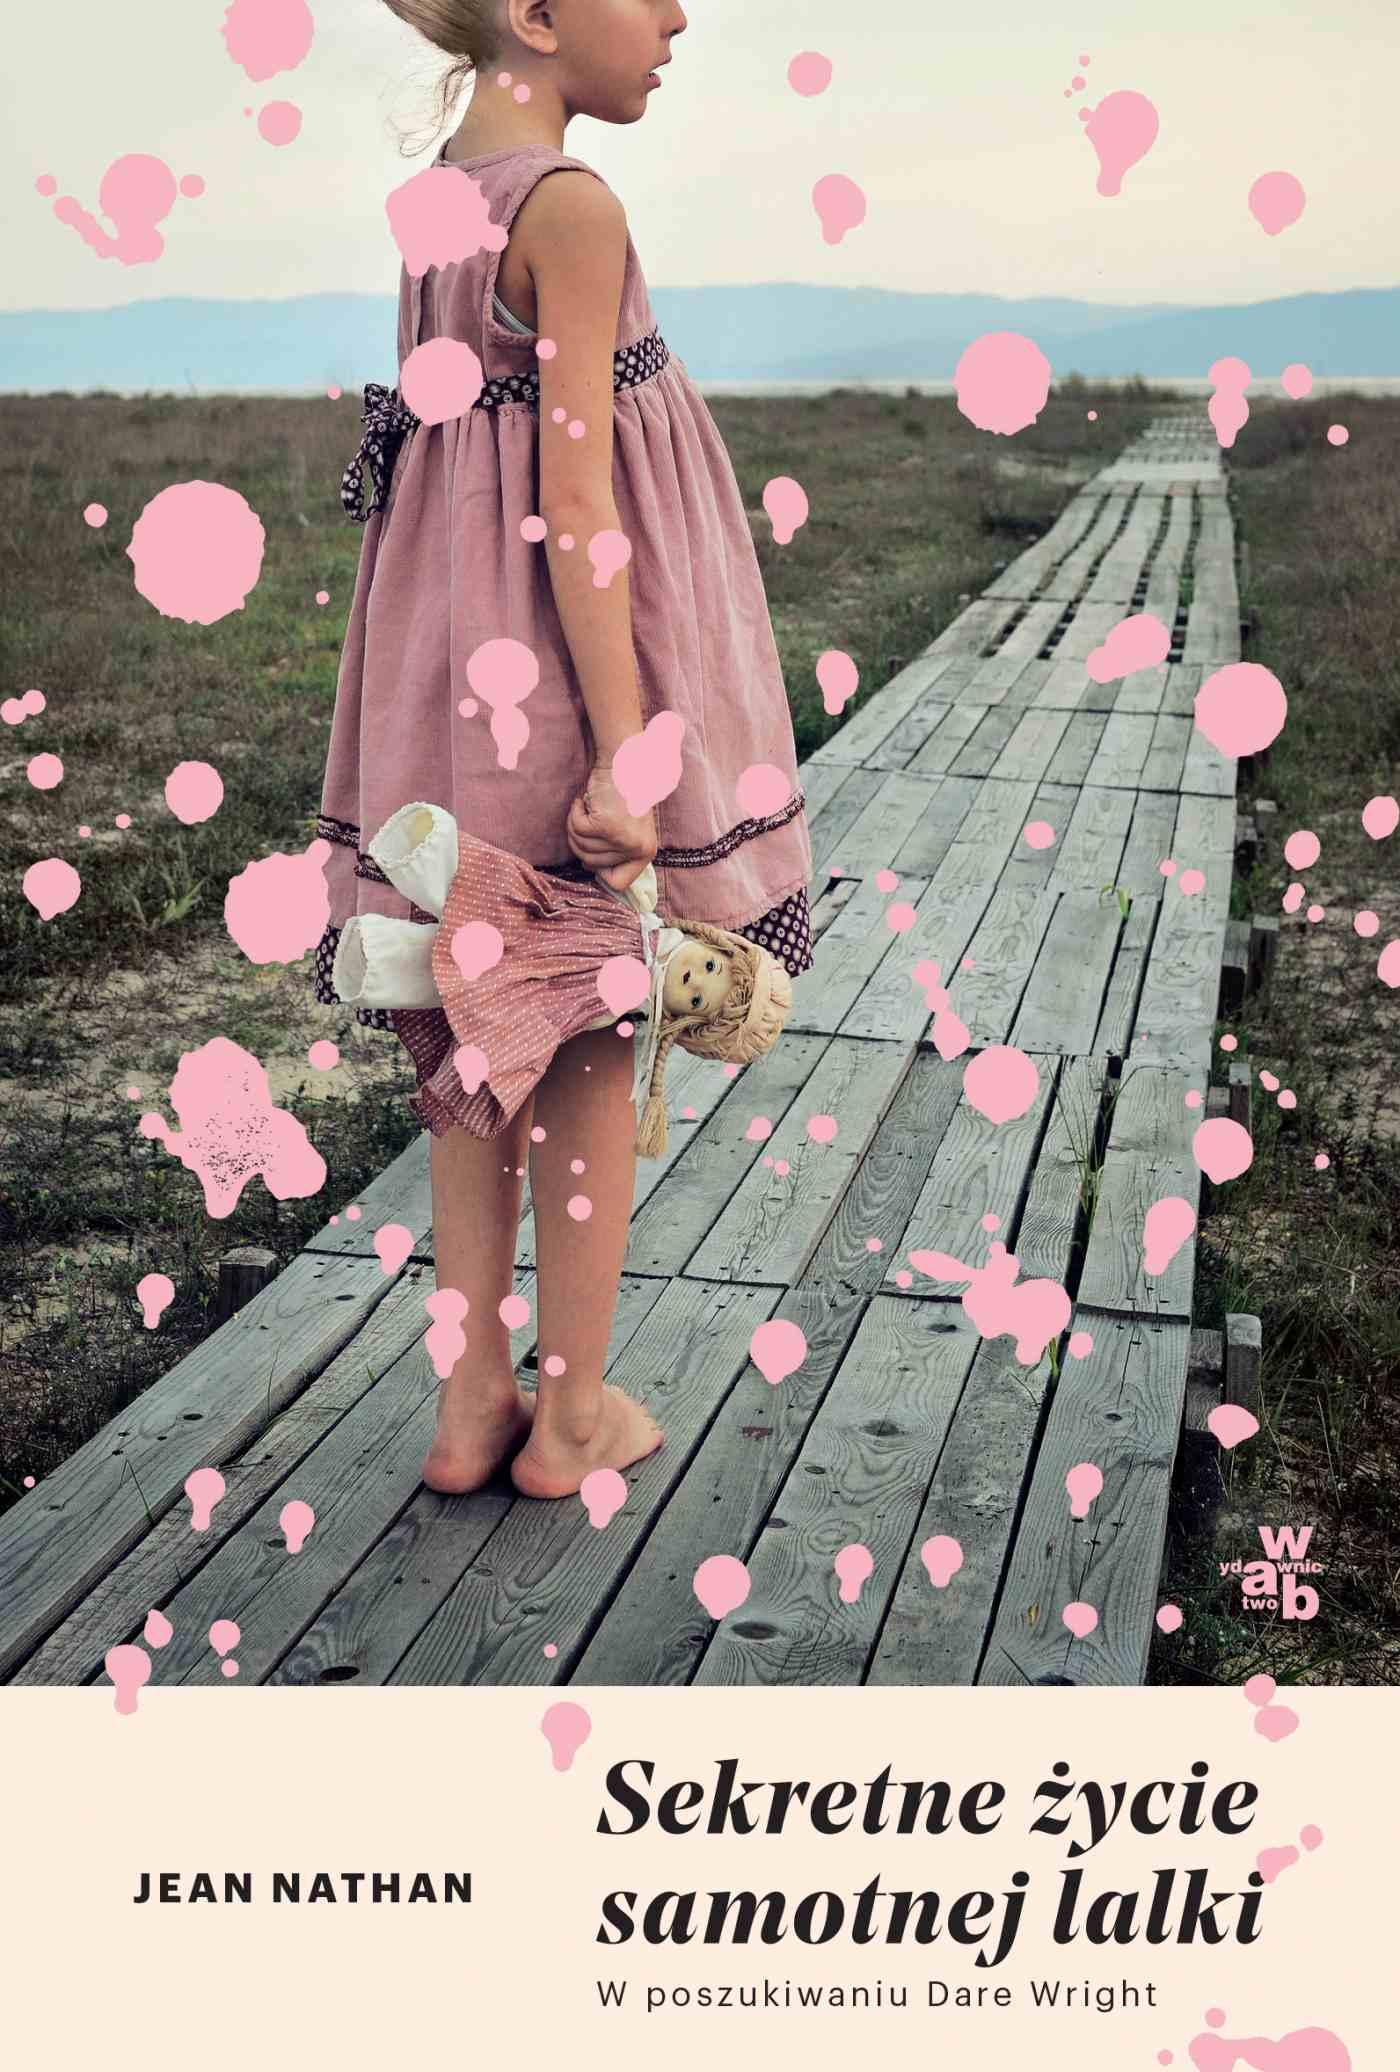 Sekretne życie Samotnej lalki - Ebook (Książka EPUB) do pobrania w formacie EPUB